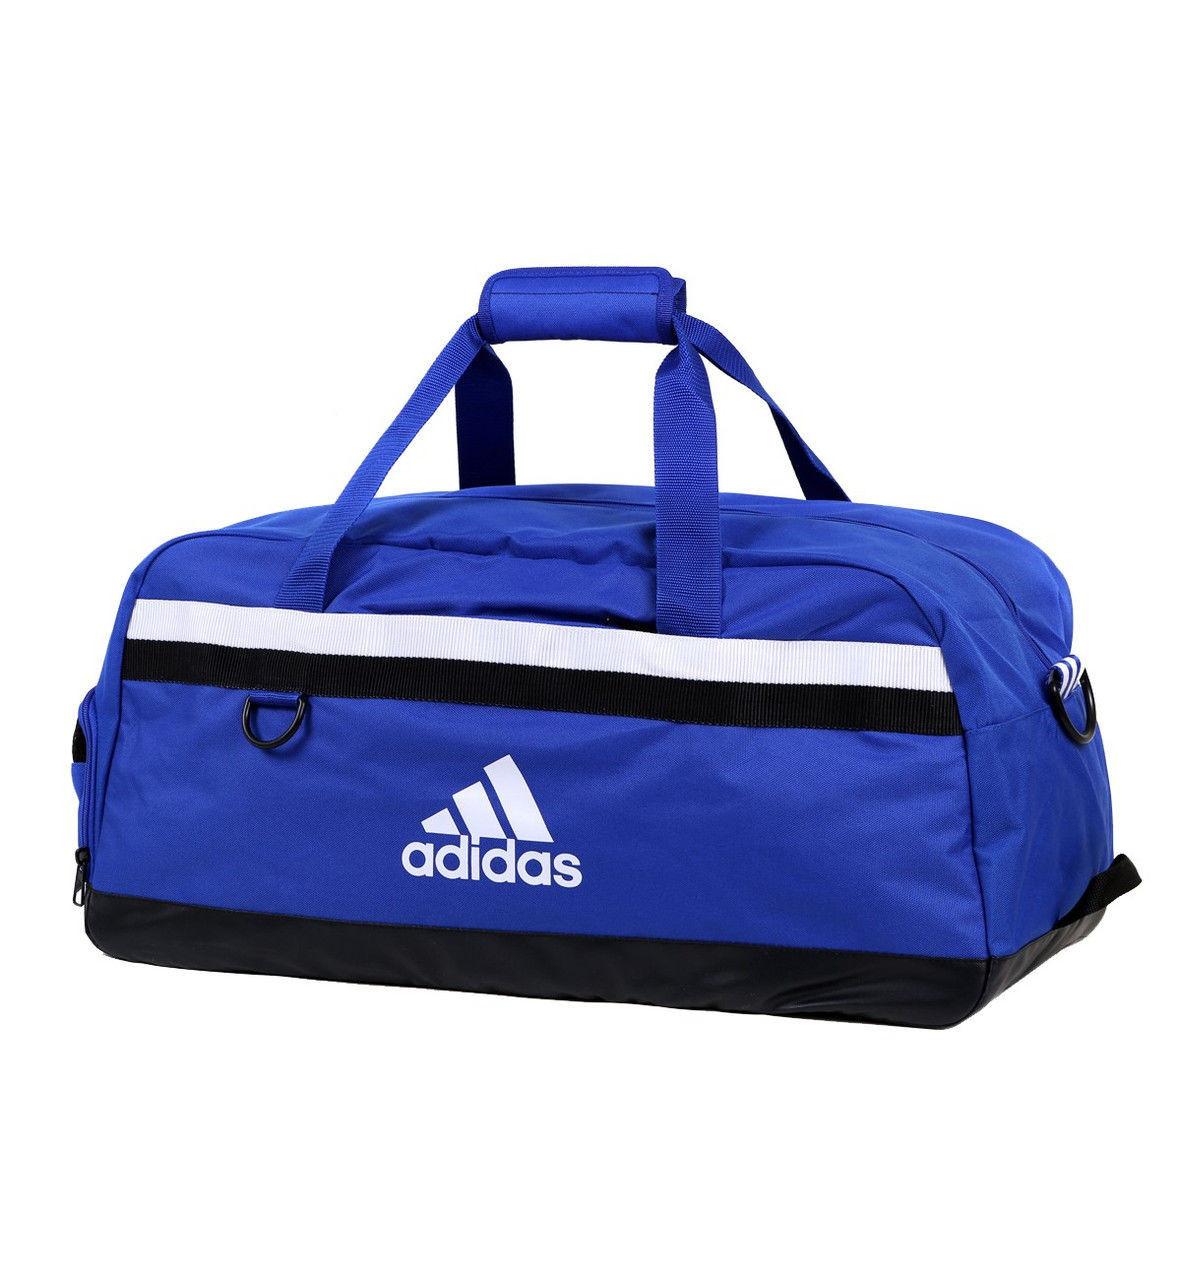 23c7454becf0 Спортивная Сумка Adidas Tiro (средняя) — в Категории